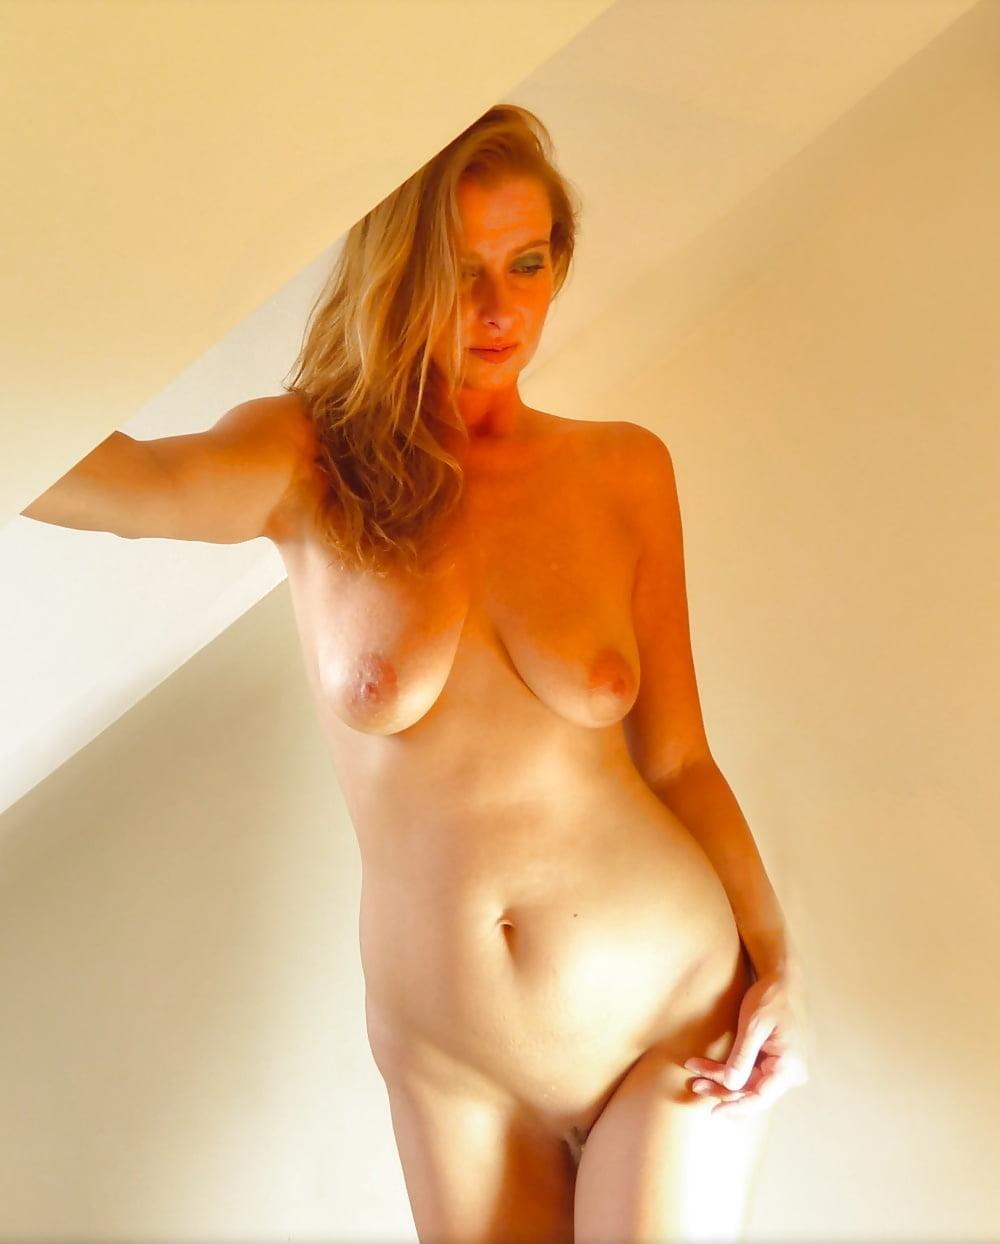 Classy mature nudes-5398